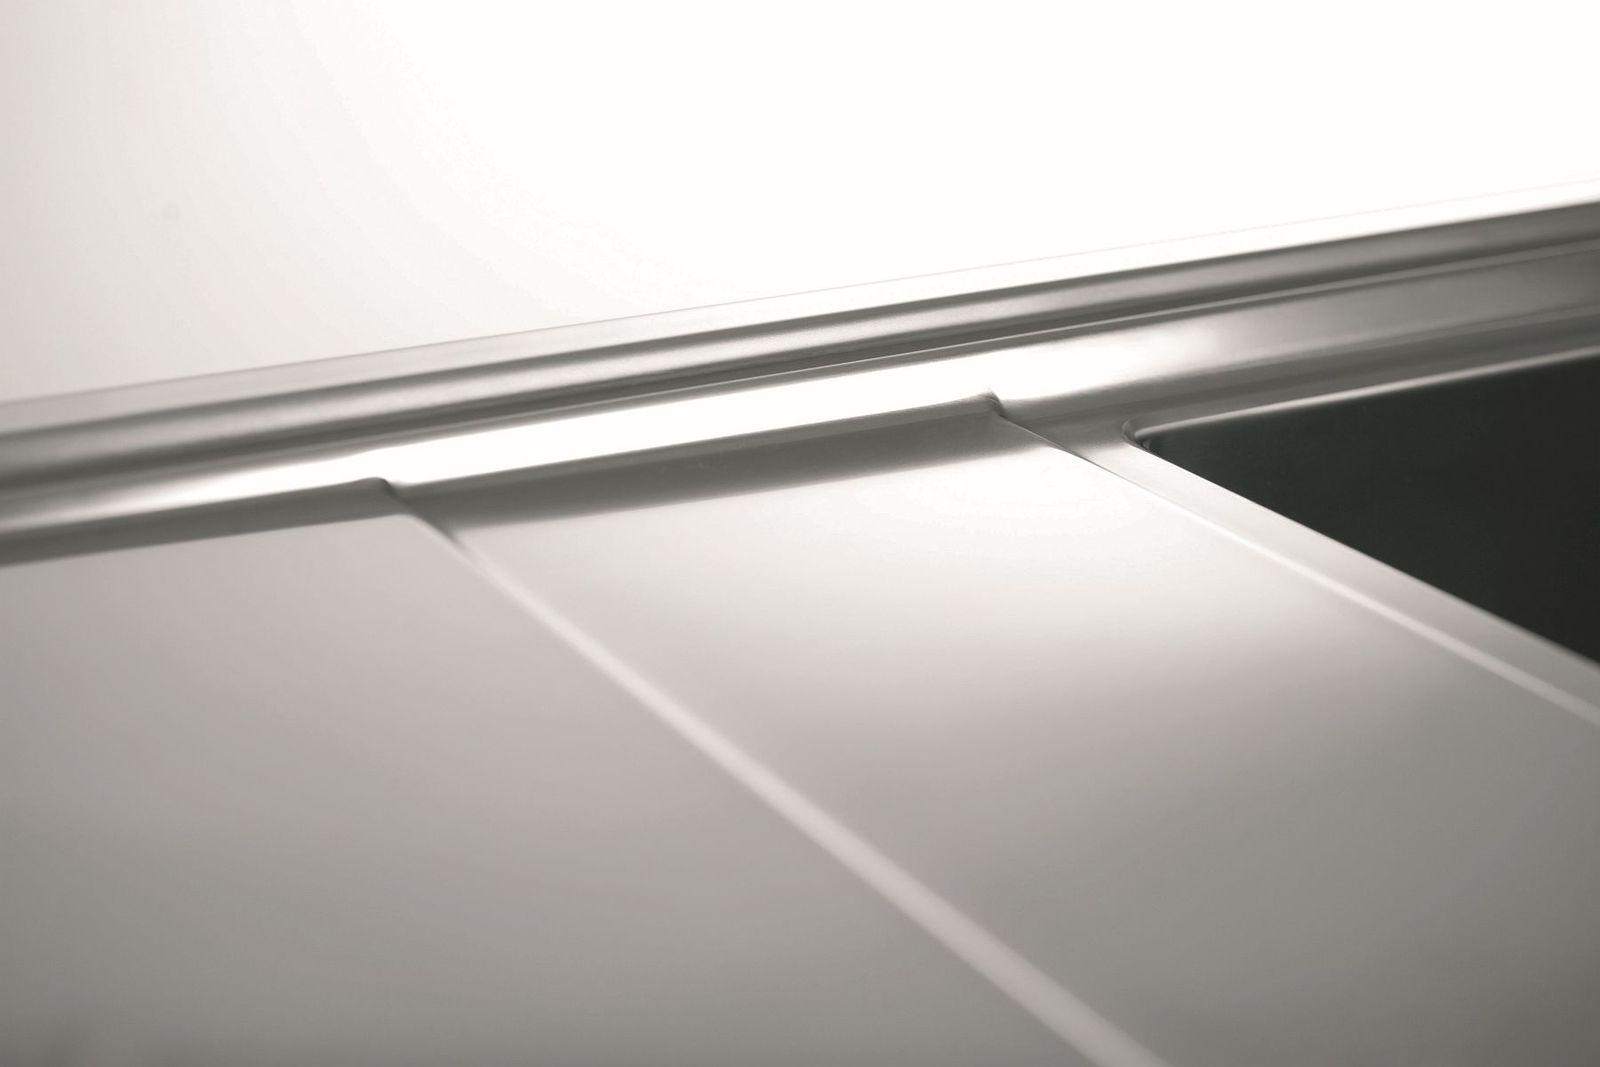 k chen einbausp le 86 x 50 cm edelstahl sp lbecken fernbedienung 107152430 kaufen bei. Black Bedroom Furniture Sets. Home Design Ideas